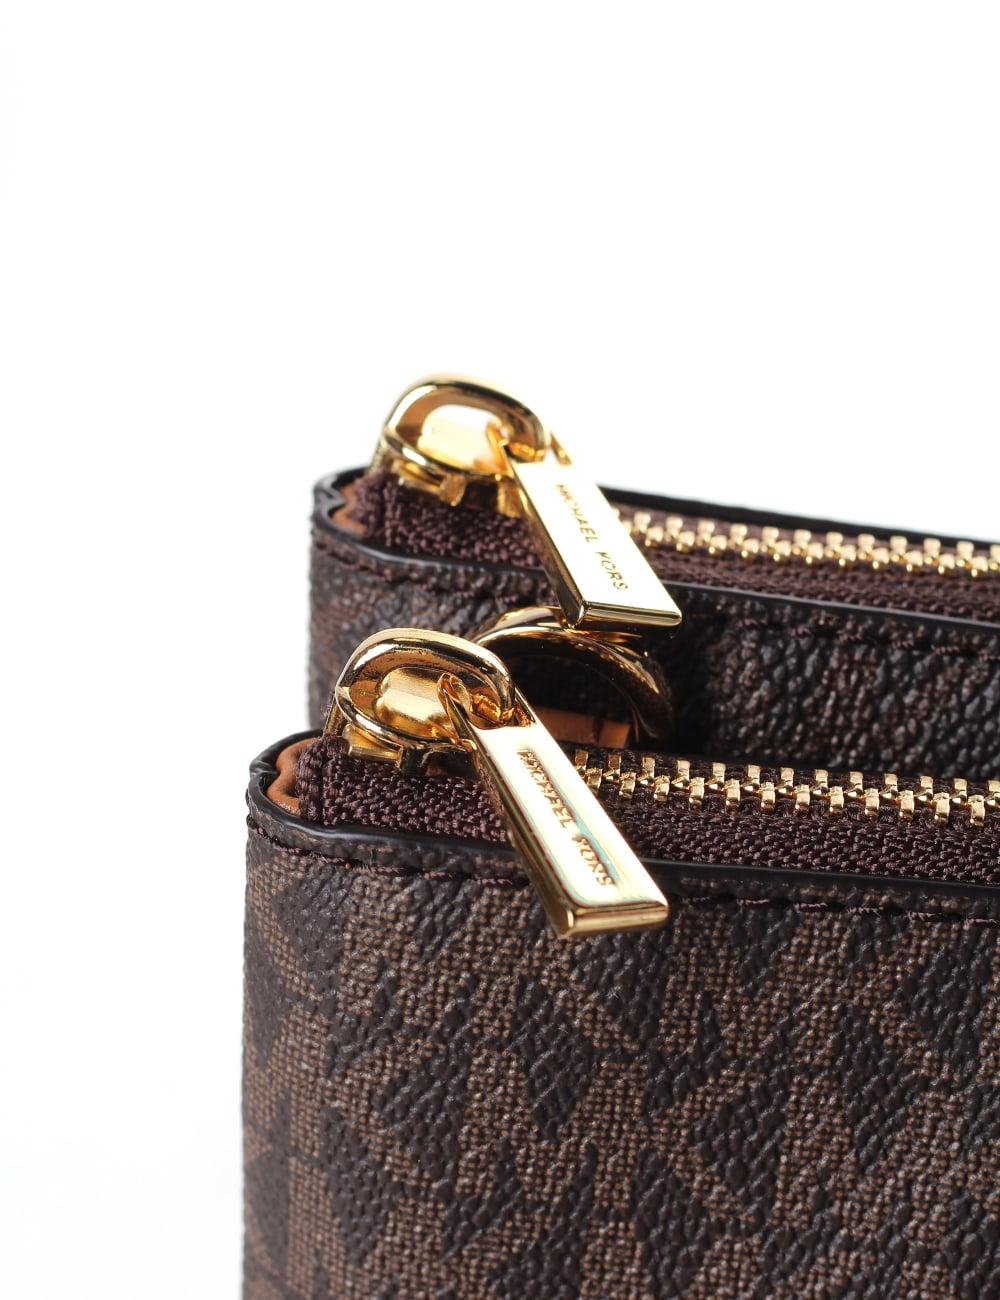 Michael Kors Women s Adele Double Zip Crossbody Bag de49324b7c553